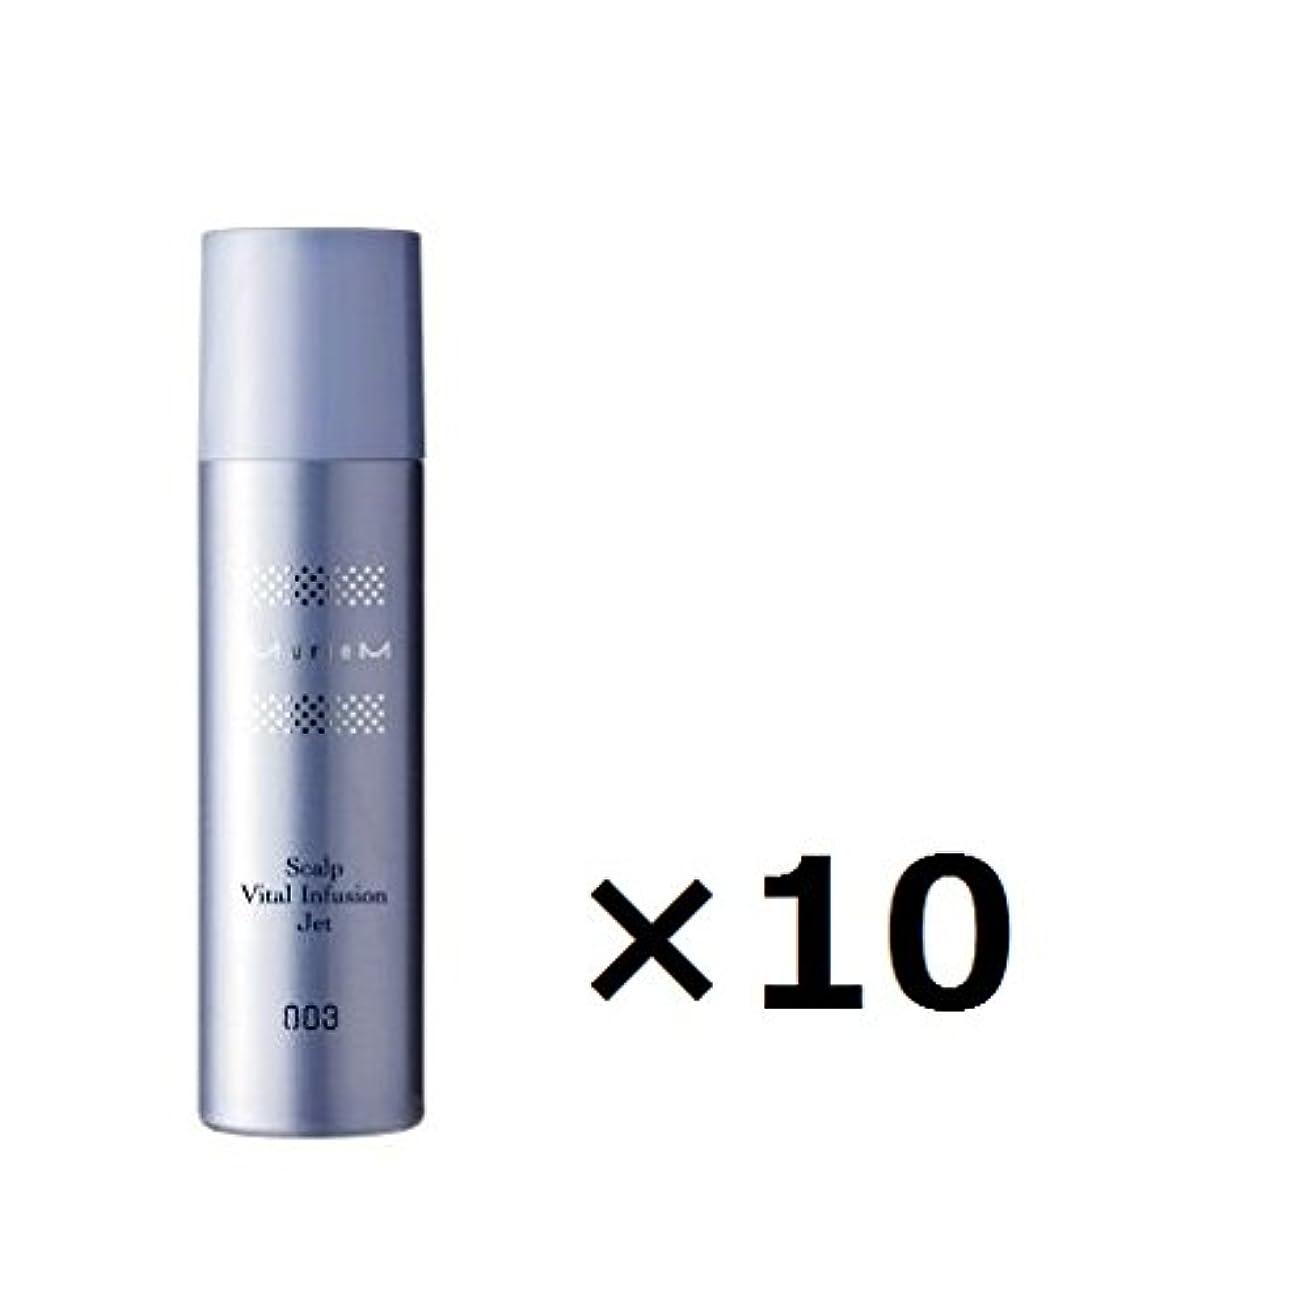 略すカブトラフ【10本セット】ナンバースリー ミュリアム 薬用スカルプバイタル インフュージョンジェット 160g